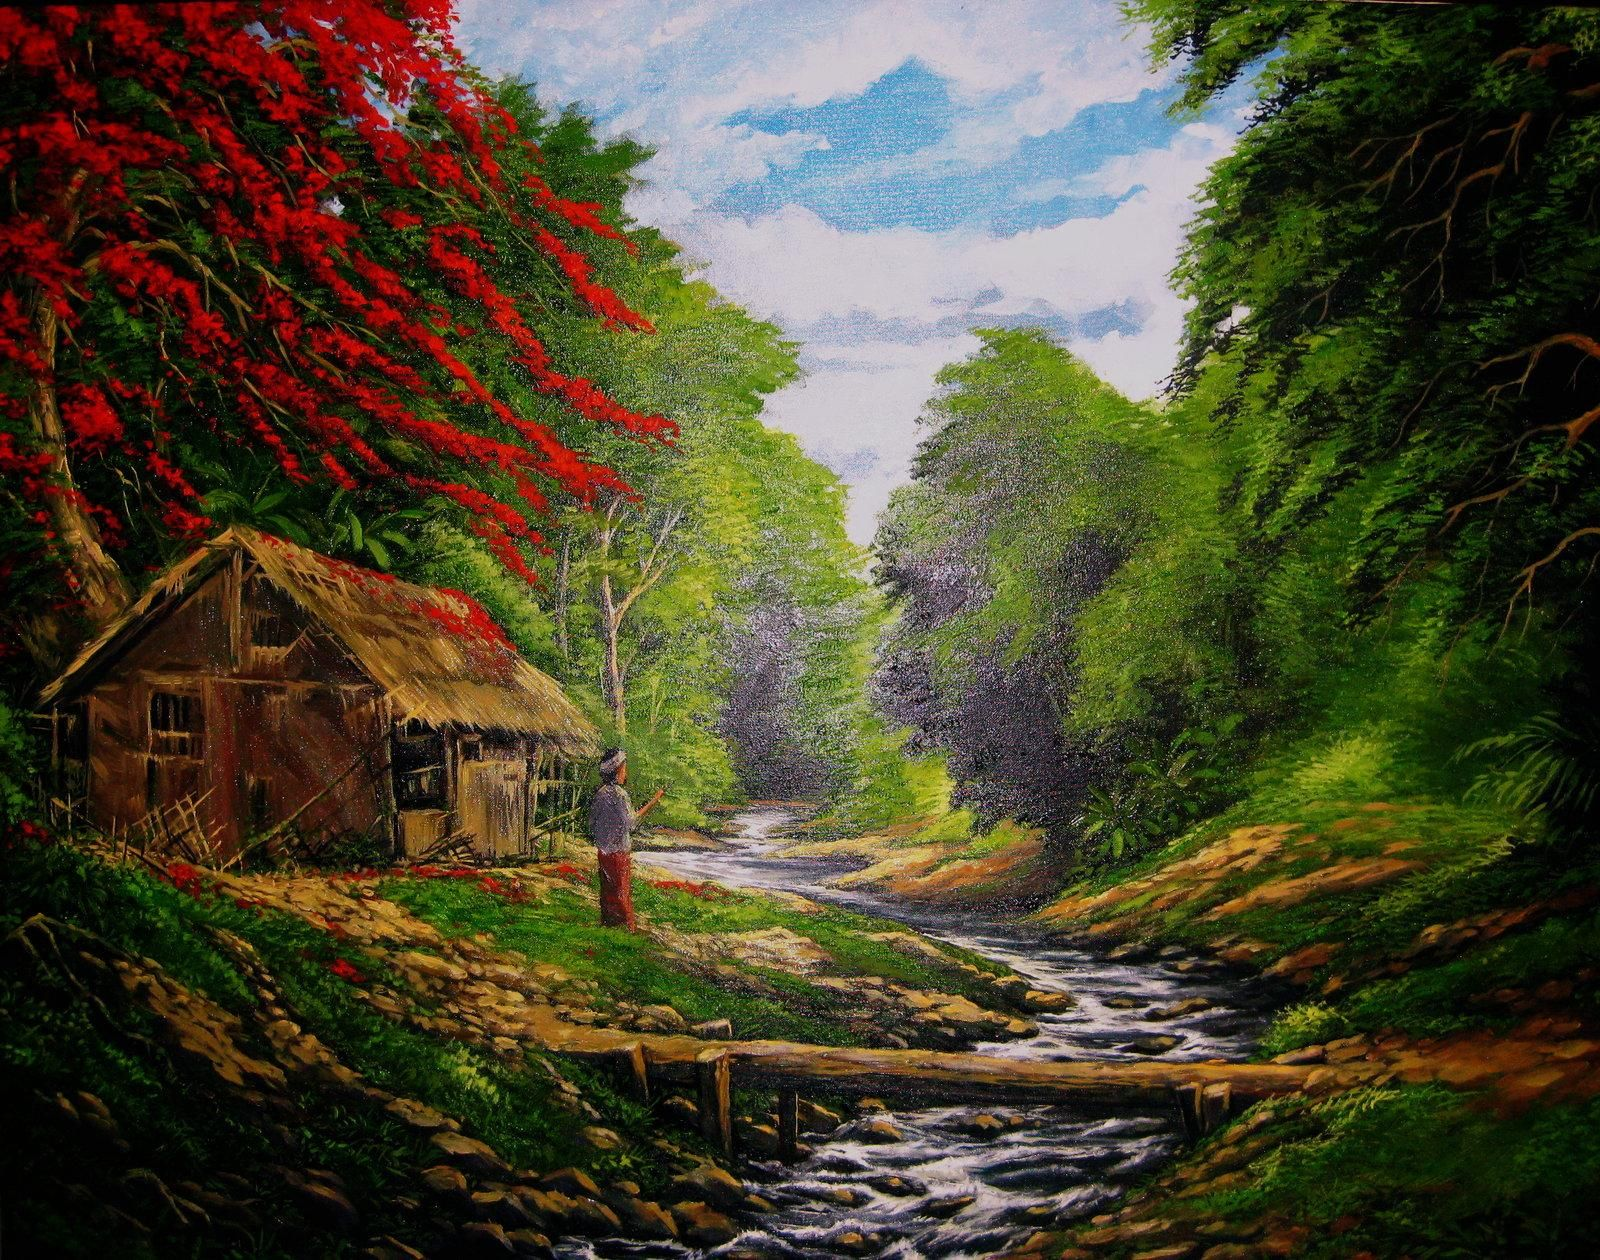 Pemandangan Alam Terindah Di Dunia Wallpaper 64 Pictures In 2020 Pictures Wallpaper Painting